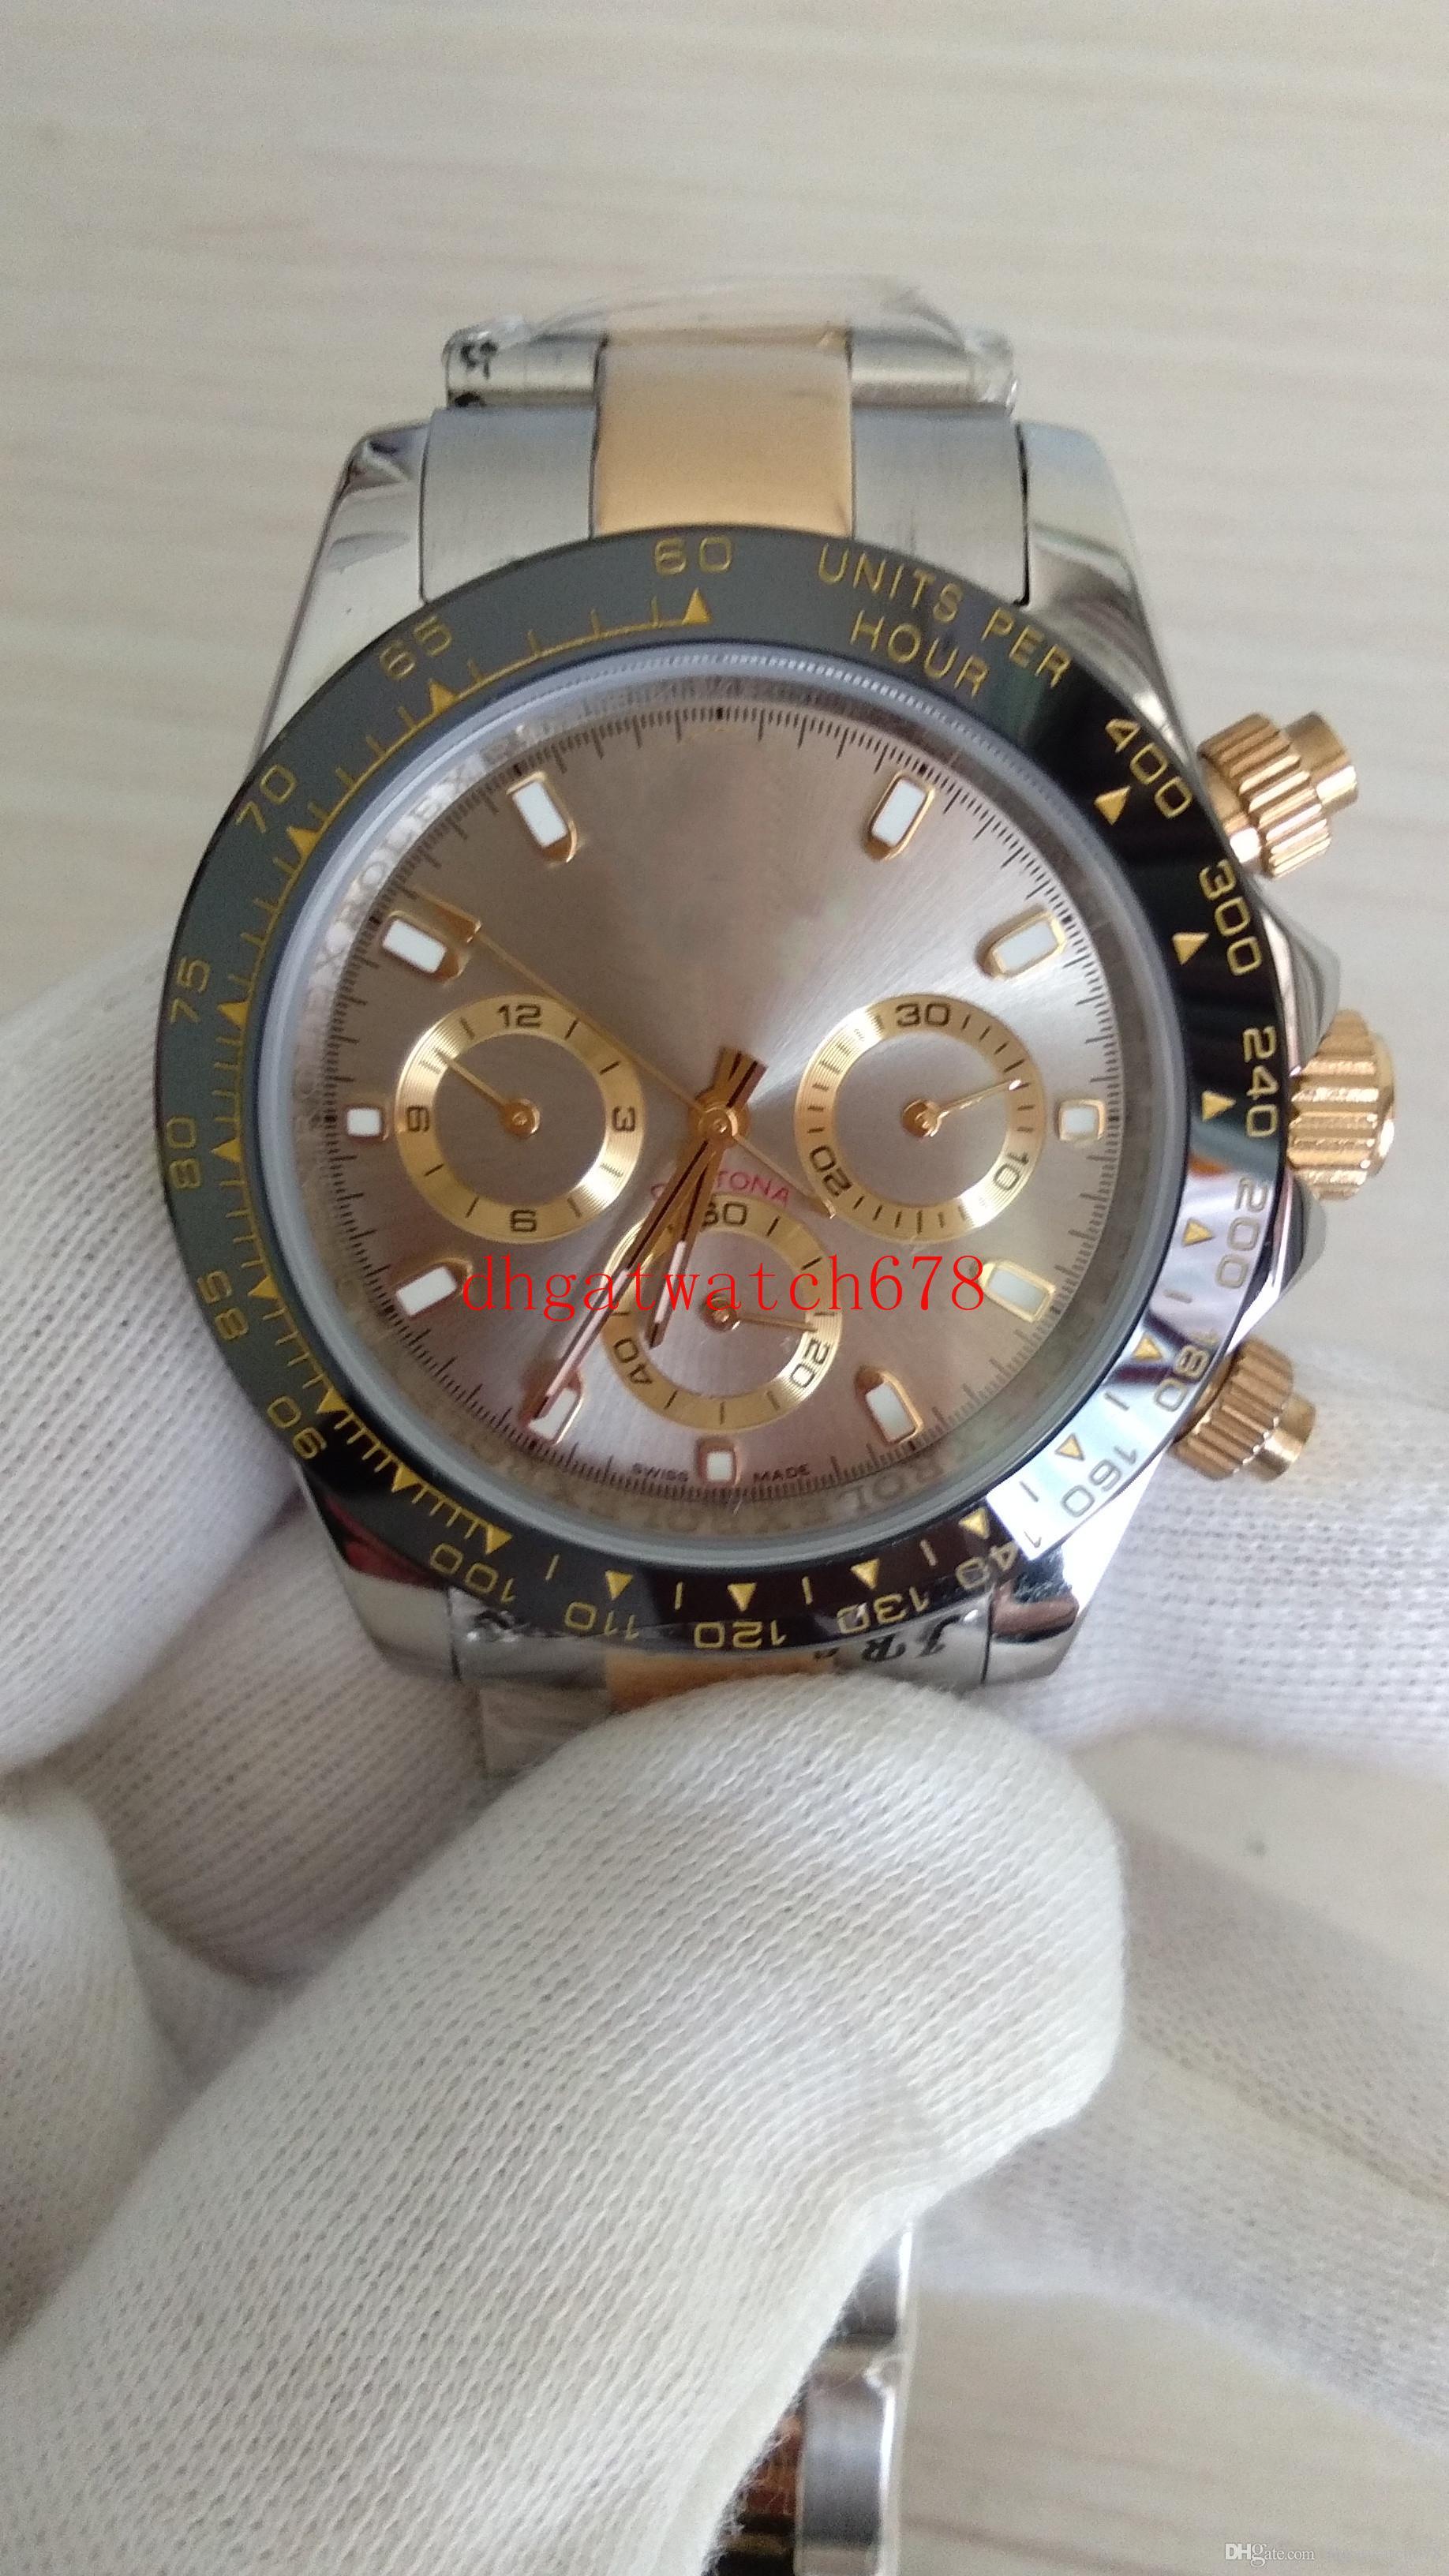 Hohe Qualität Uhr 40mm 116508 116528 Cosmograph Nein Chronograph 18k Gelbgold Mechanische Automatik Herren Herrenuhren